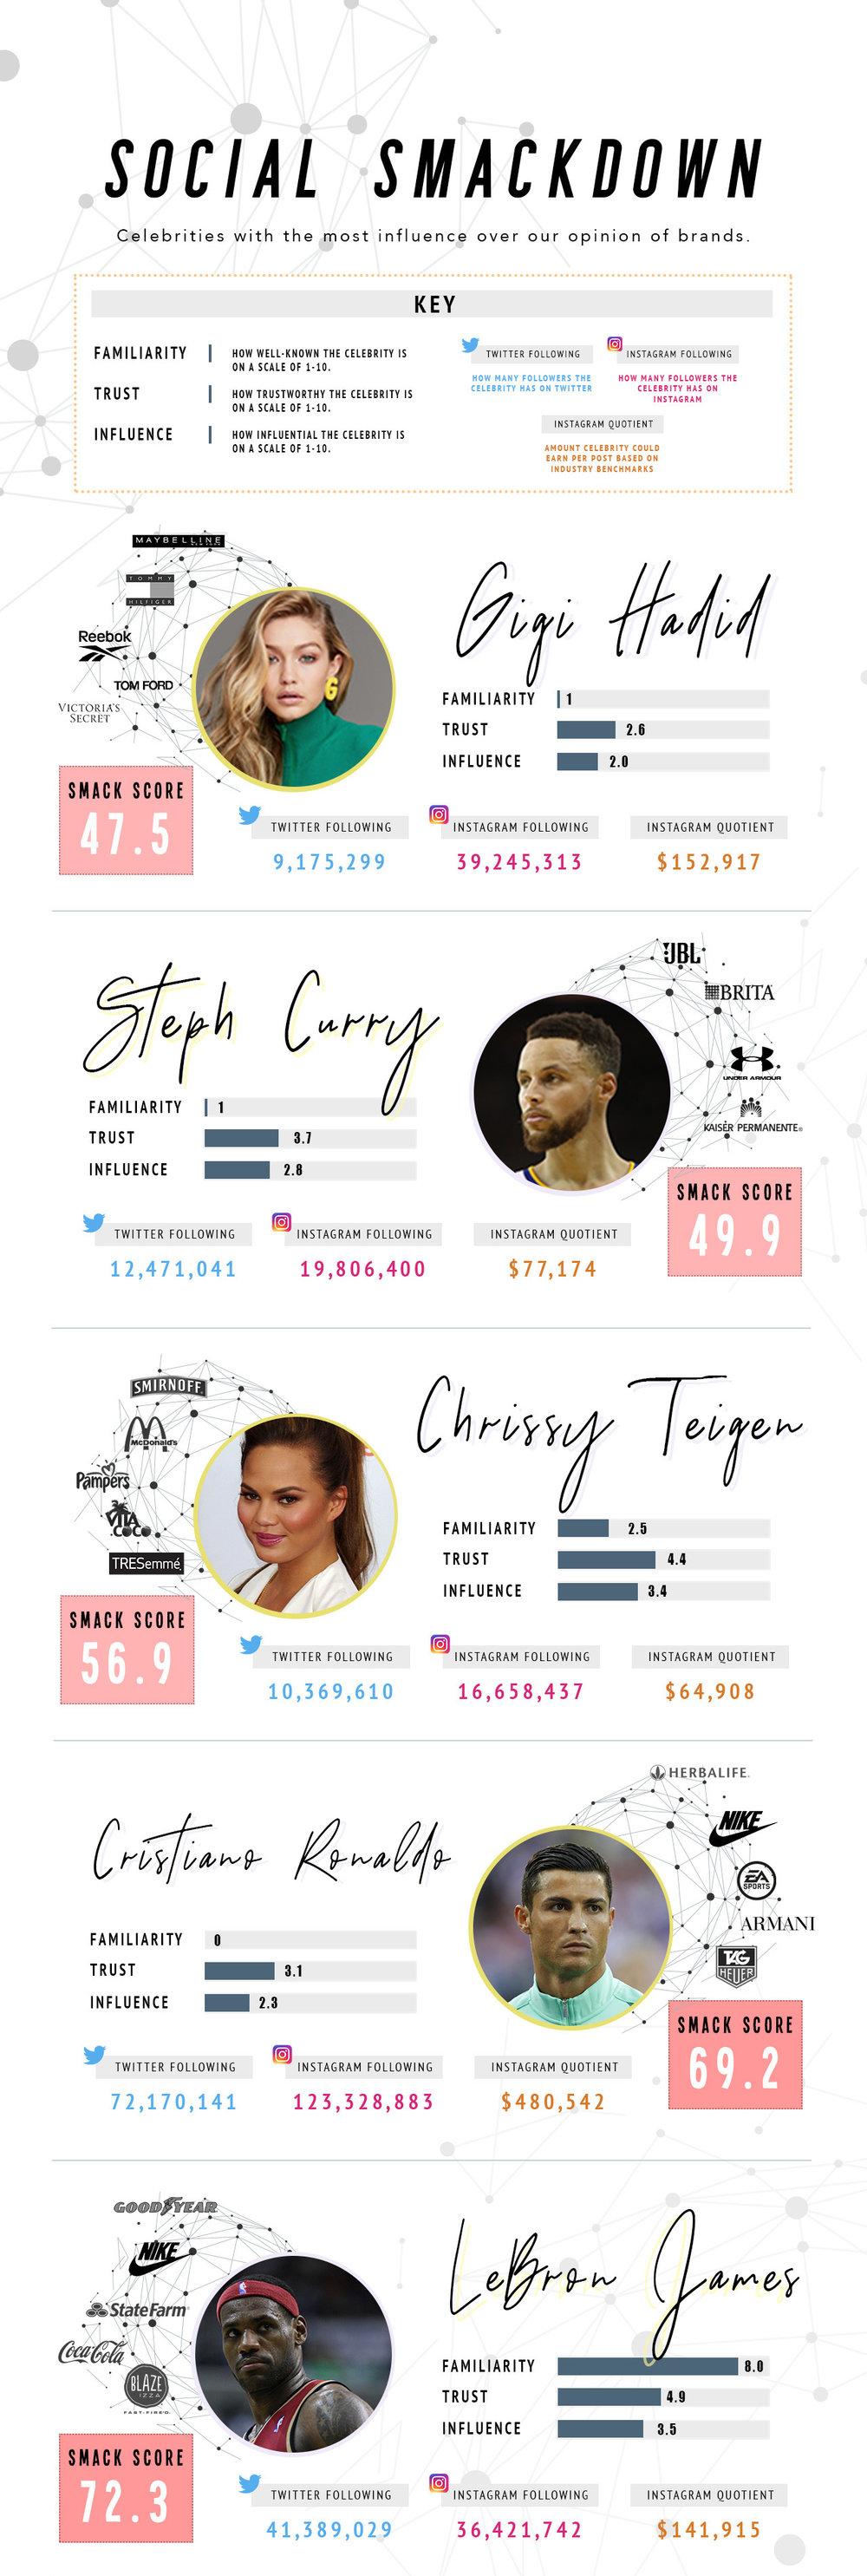 Celebrity Smackdown.jpg